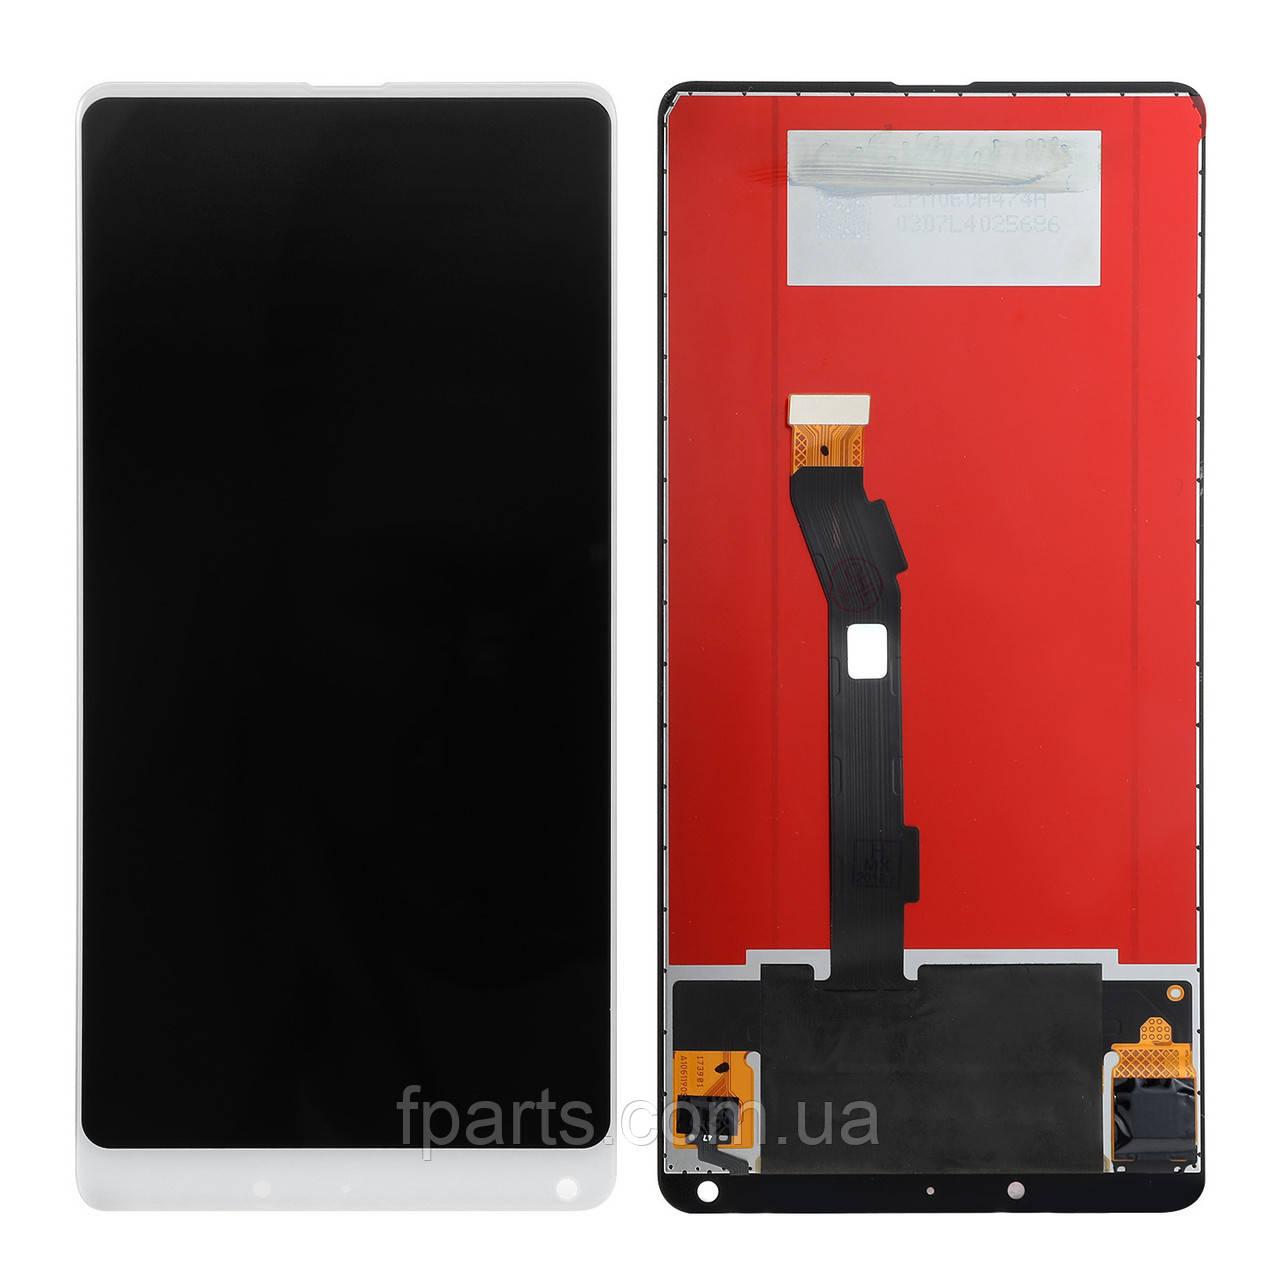 Дисплей для Xiaomi Mi Mix 2, Mi Mix 2S с тачскрином, White (Original PRC)